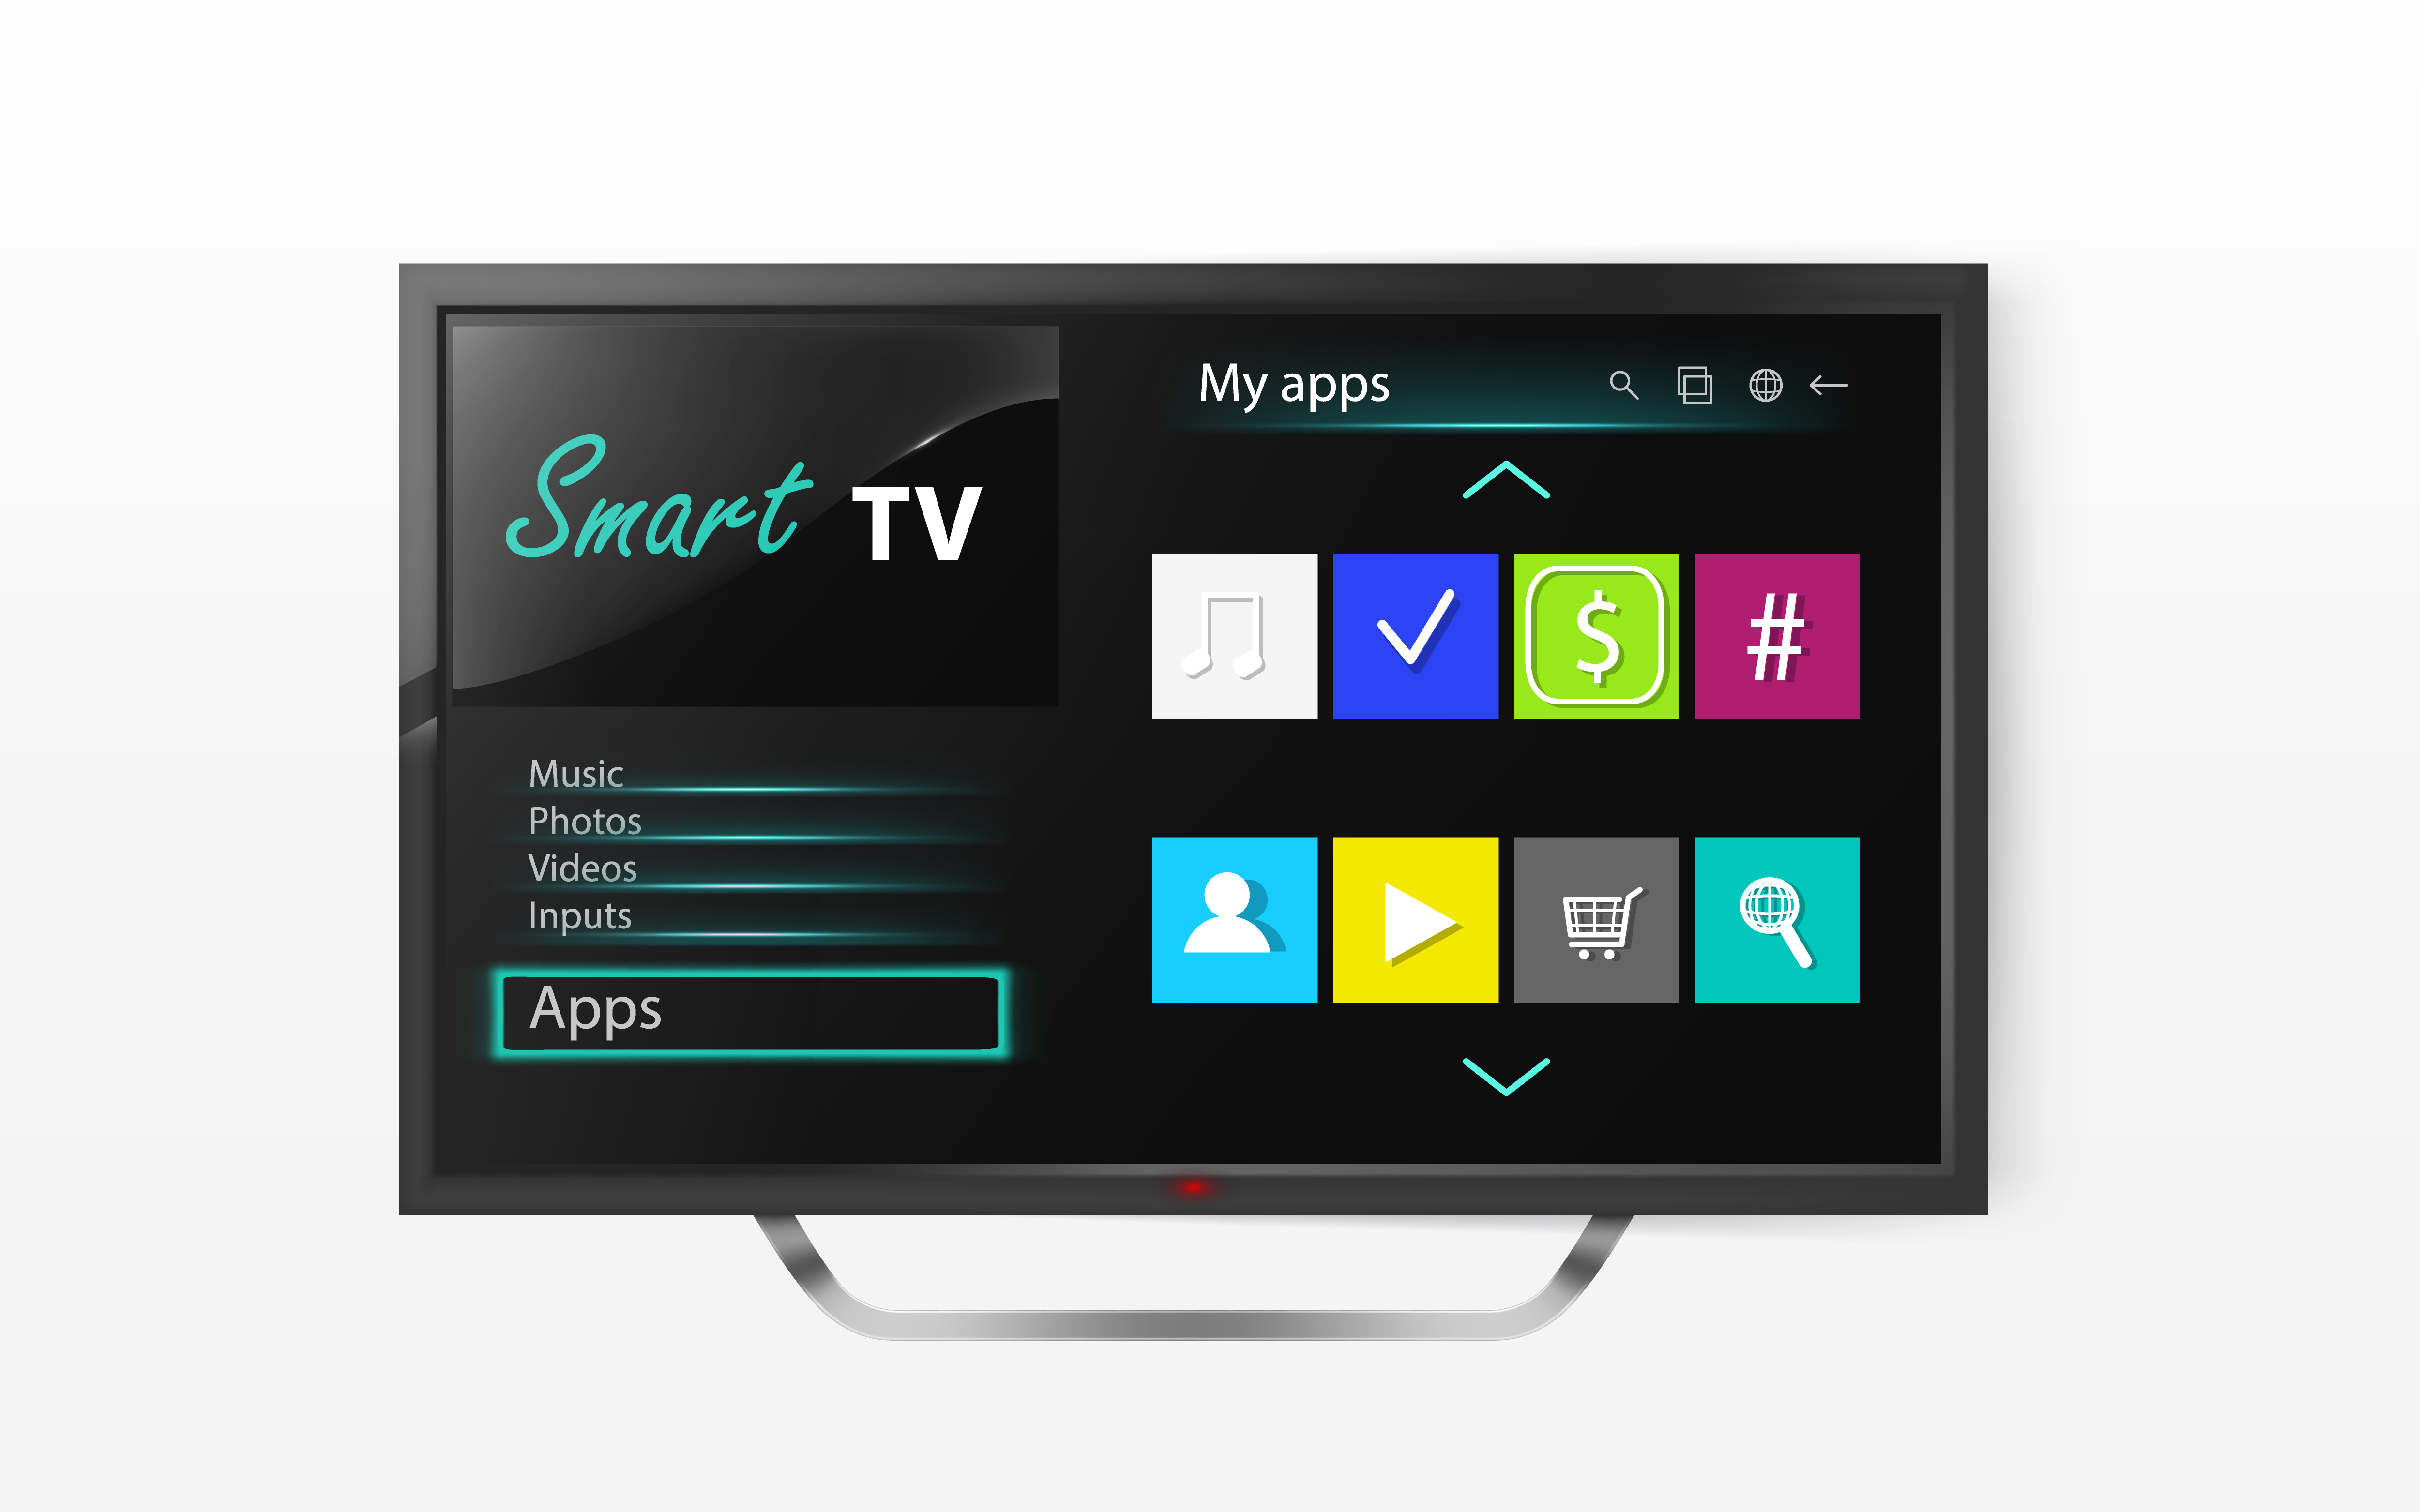 เลือกซื้อทีวีรุ่นใหม่ประจำปี 2019 อย่างไรให้ปัง! โดนใจ บทความนี้มีคำตอบ